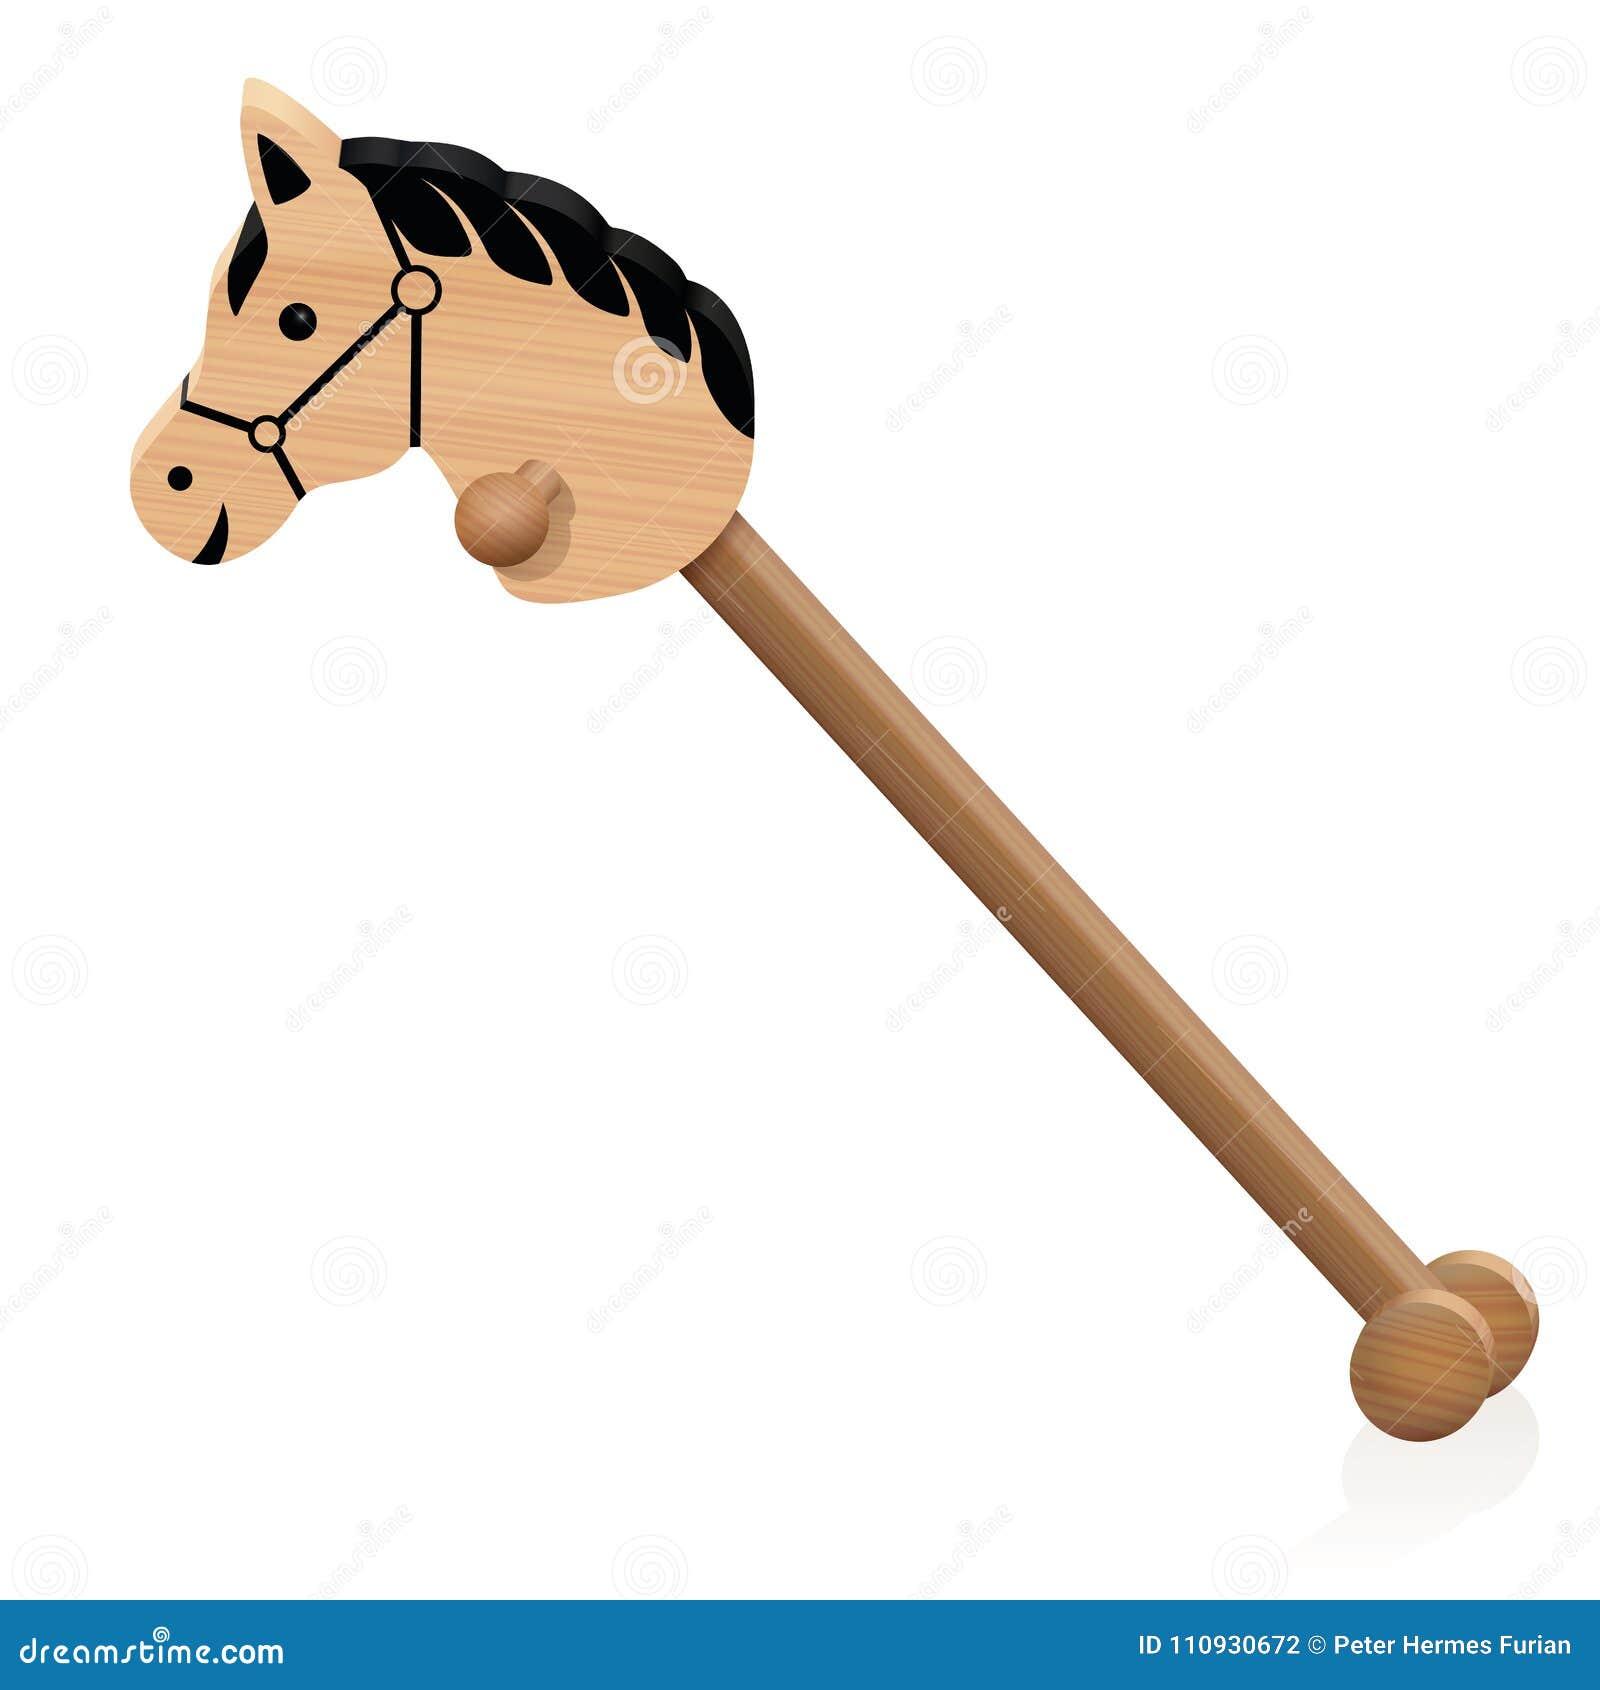 Cavallo Di Legno Giocattolo.Giocattolo Di Legno Di Childs Del Cavallo Di Legno Illustrazione